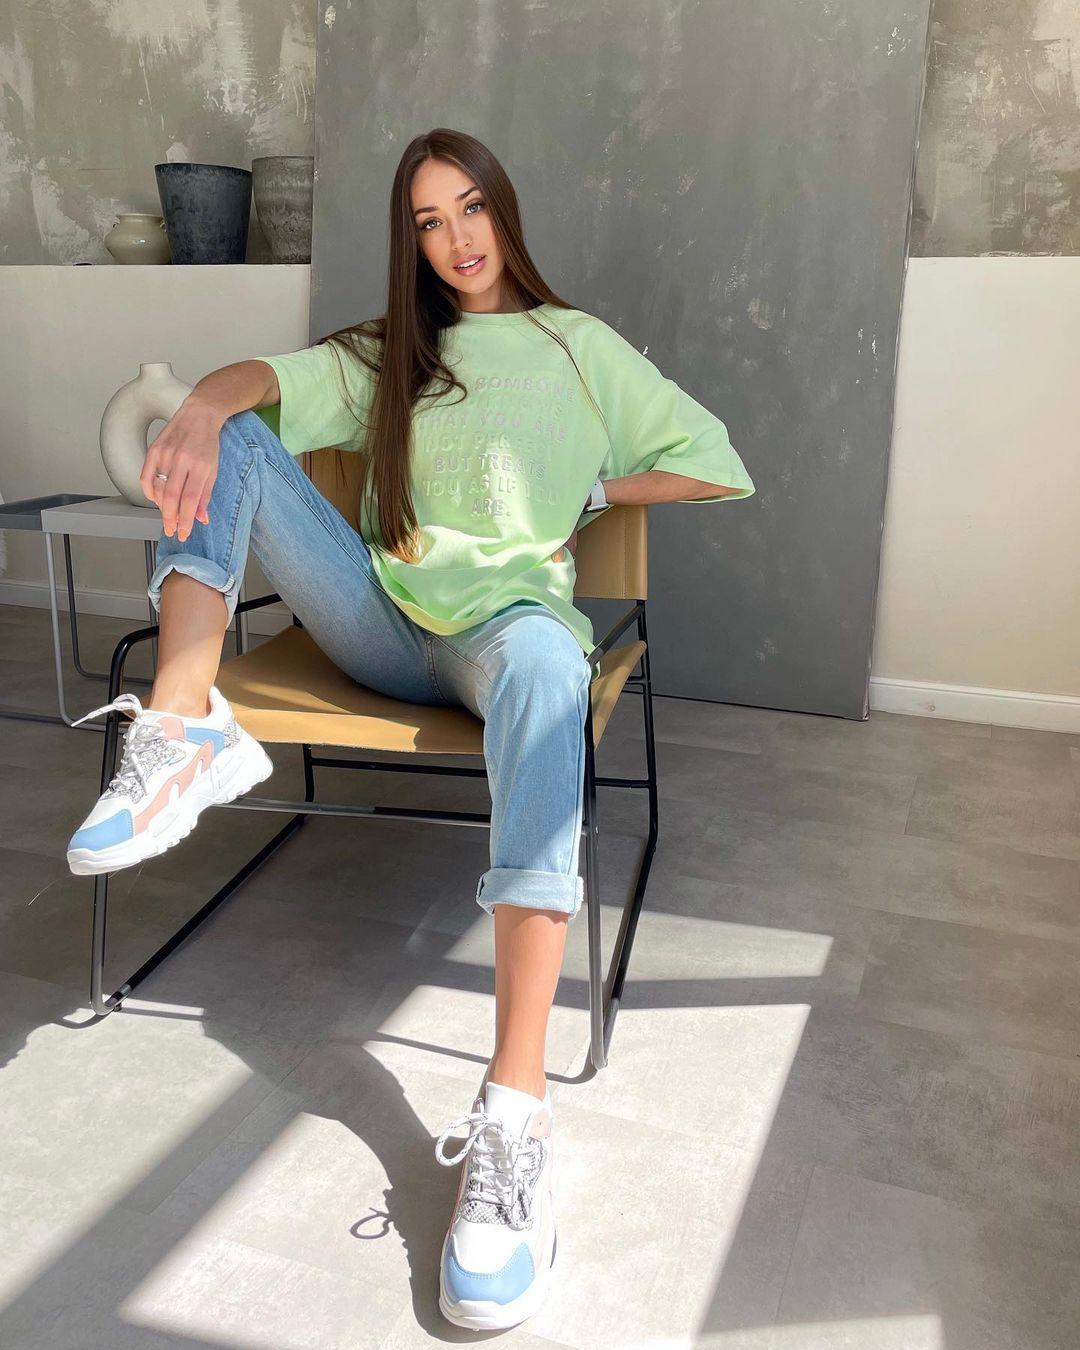 Ksenia-Stefanenko-Wallpapers-Insta-Fit-Bio-10